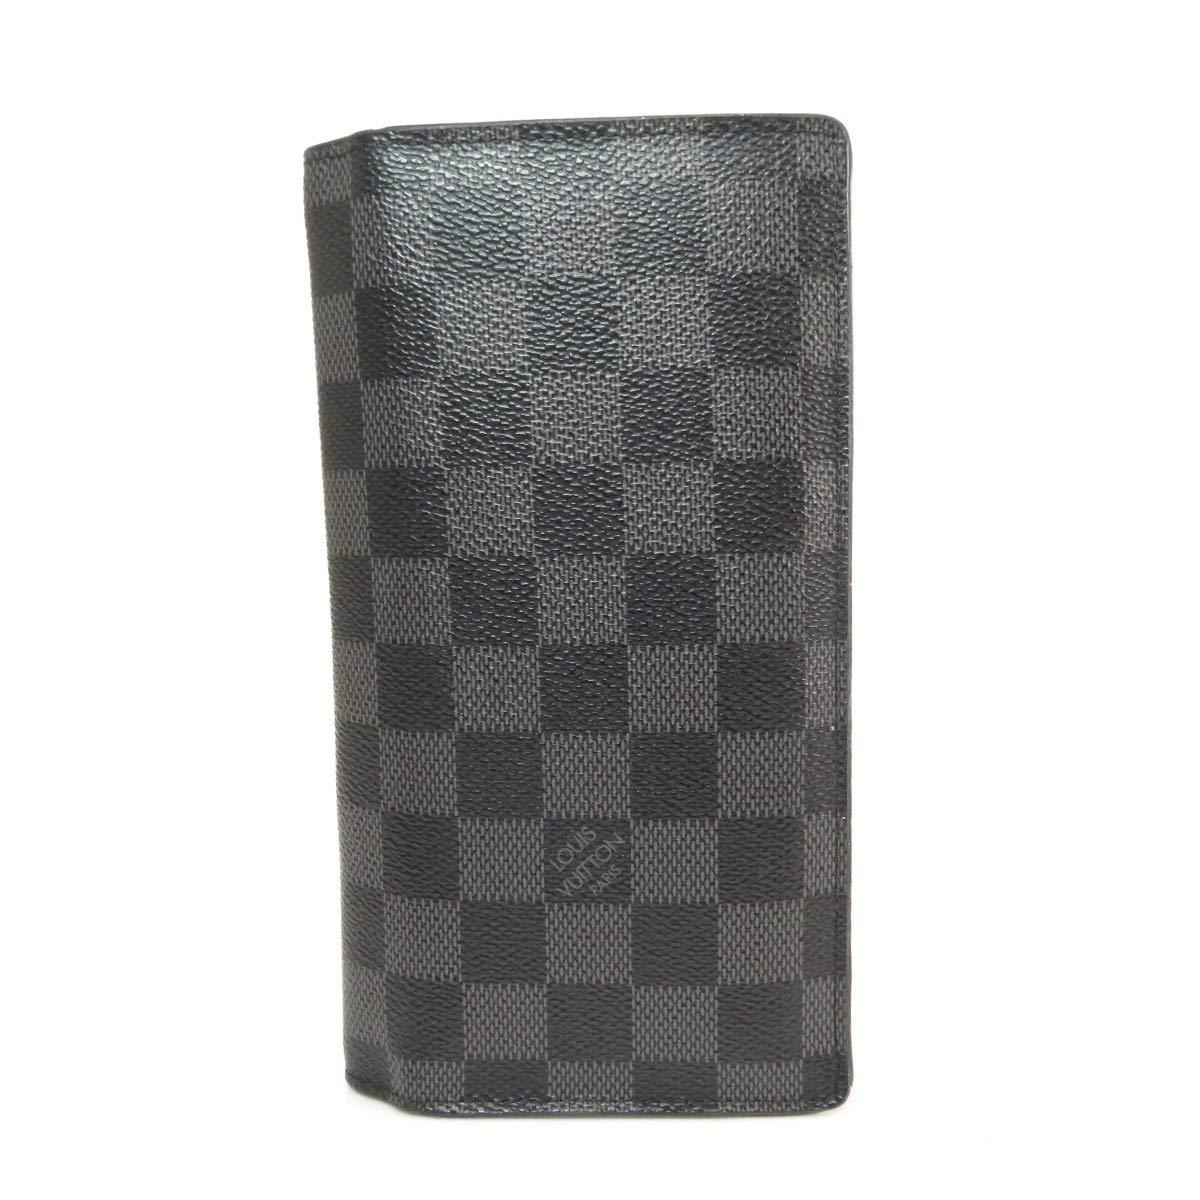 [ルイヴィトン]ポルトフォイユブラザ 長財布(小銭入れあり) ダミエキャンバス メンズ (中古)   B07P1FHBFW